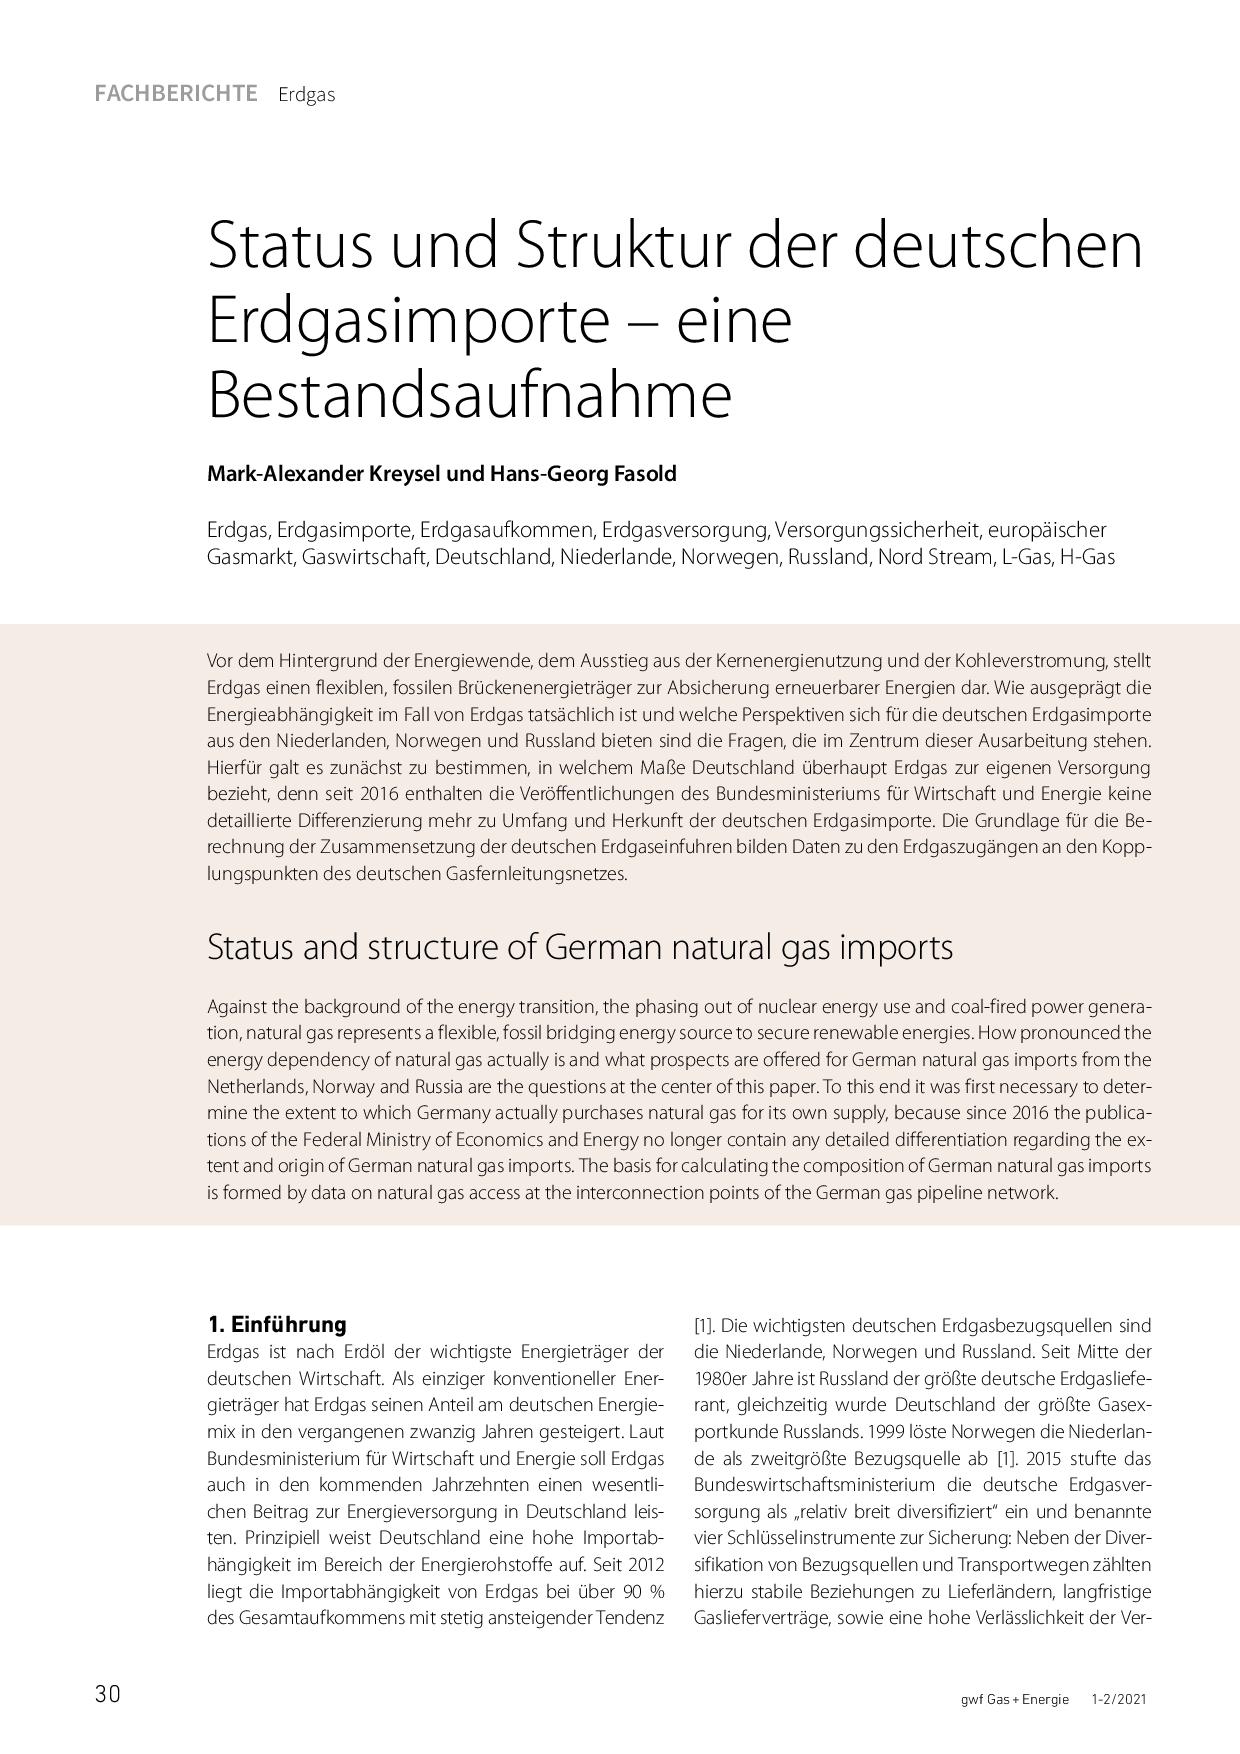 Status und Struktur der deutschen Erdgasimporte – eine Bestandsaufnahme